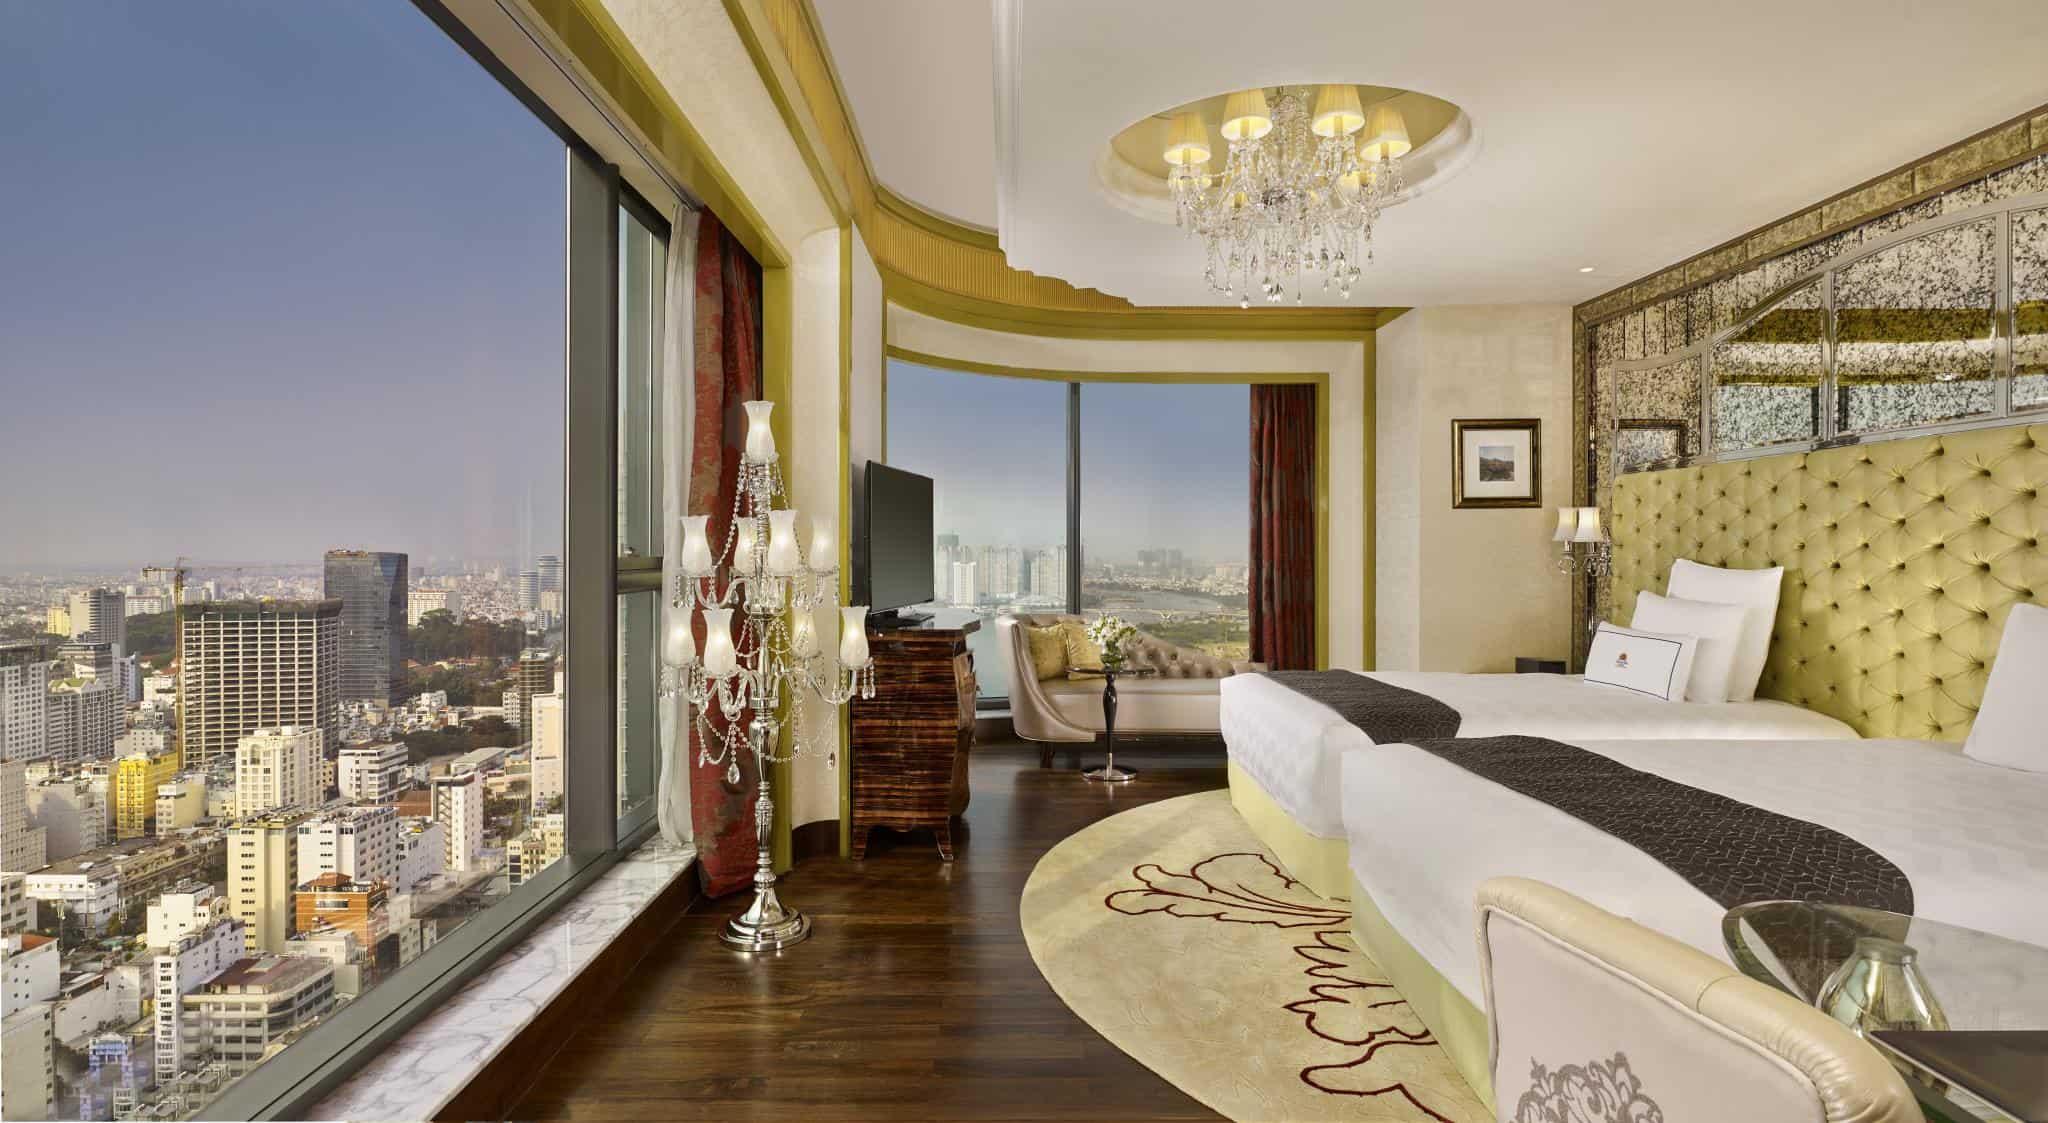 Phòng nghỉ xa hoa, sang trọng với view toàn cảnh Sài Gòn ấn tượng.